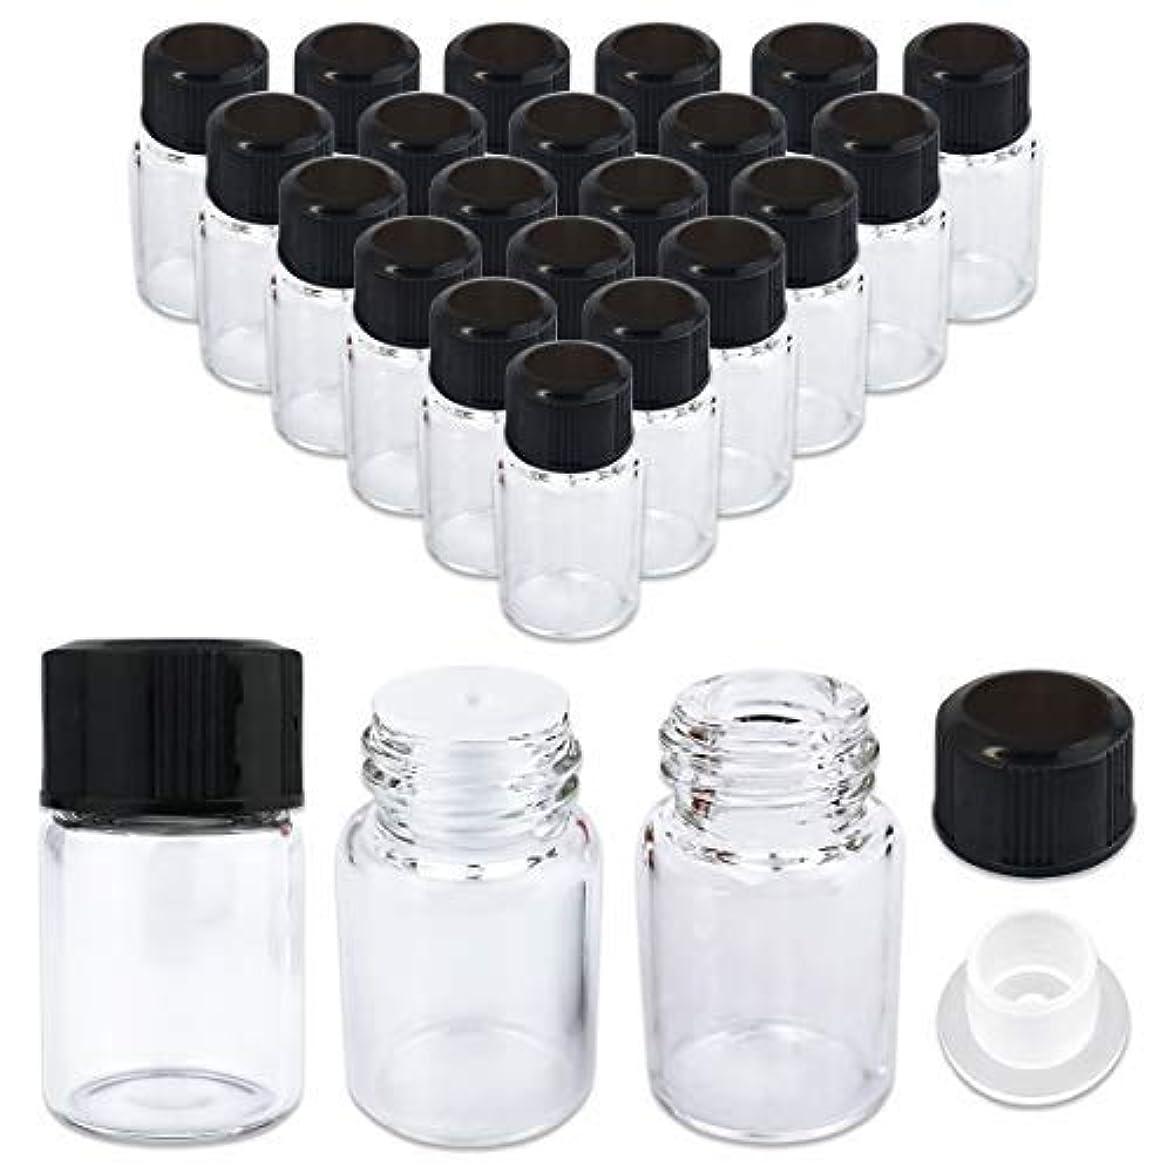 診断する怠惰印象派24 Packs Beauticom 2ML Clear Glass Vial for Essential Oils, Aromatherapy, Fragrance, Serums, Spritzes, with Orifice...